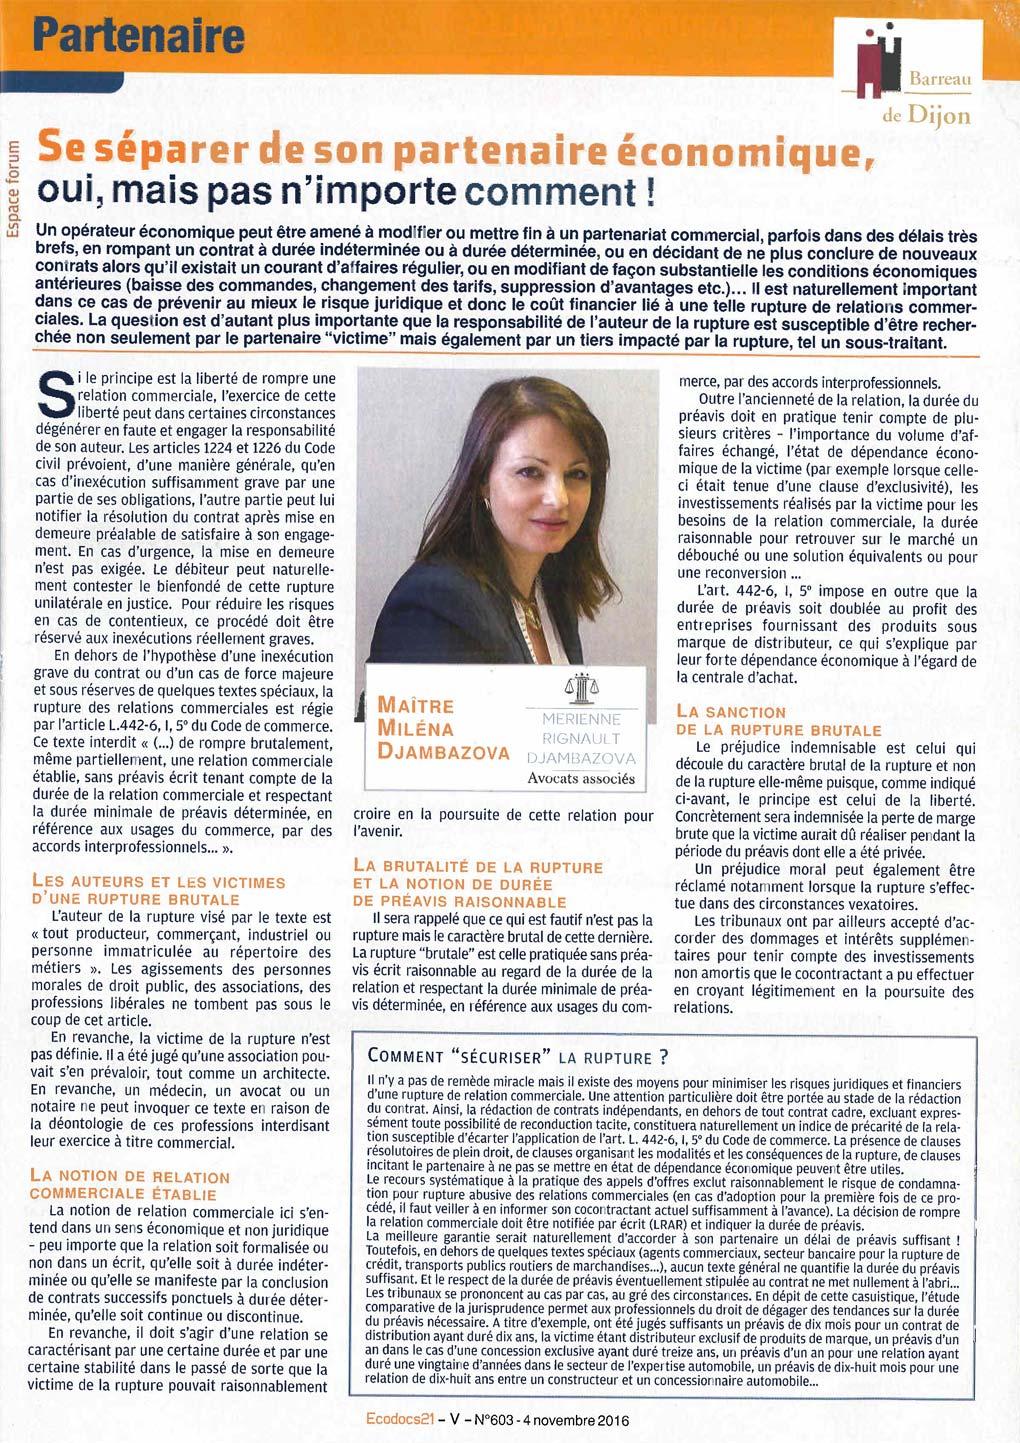 article-de-me-djambazova-ecodocs-se-separer-de-son-partenaire-economique